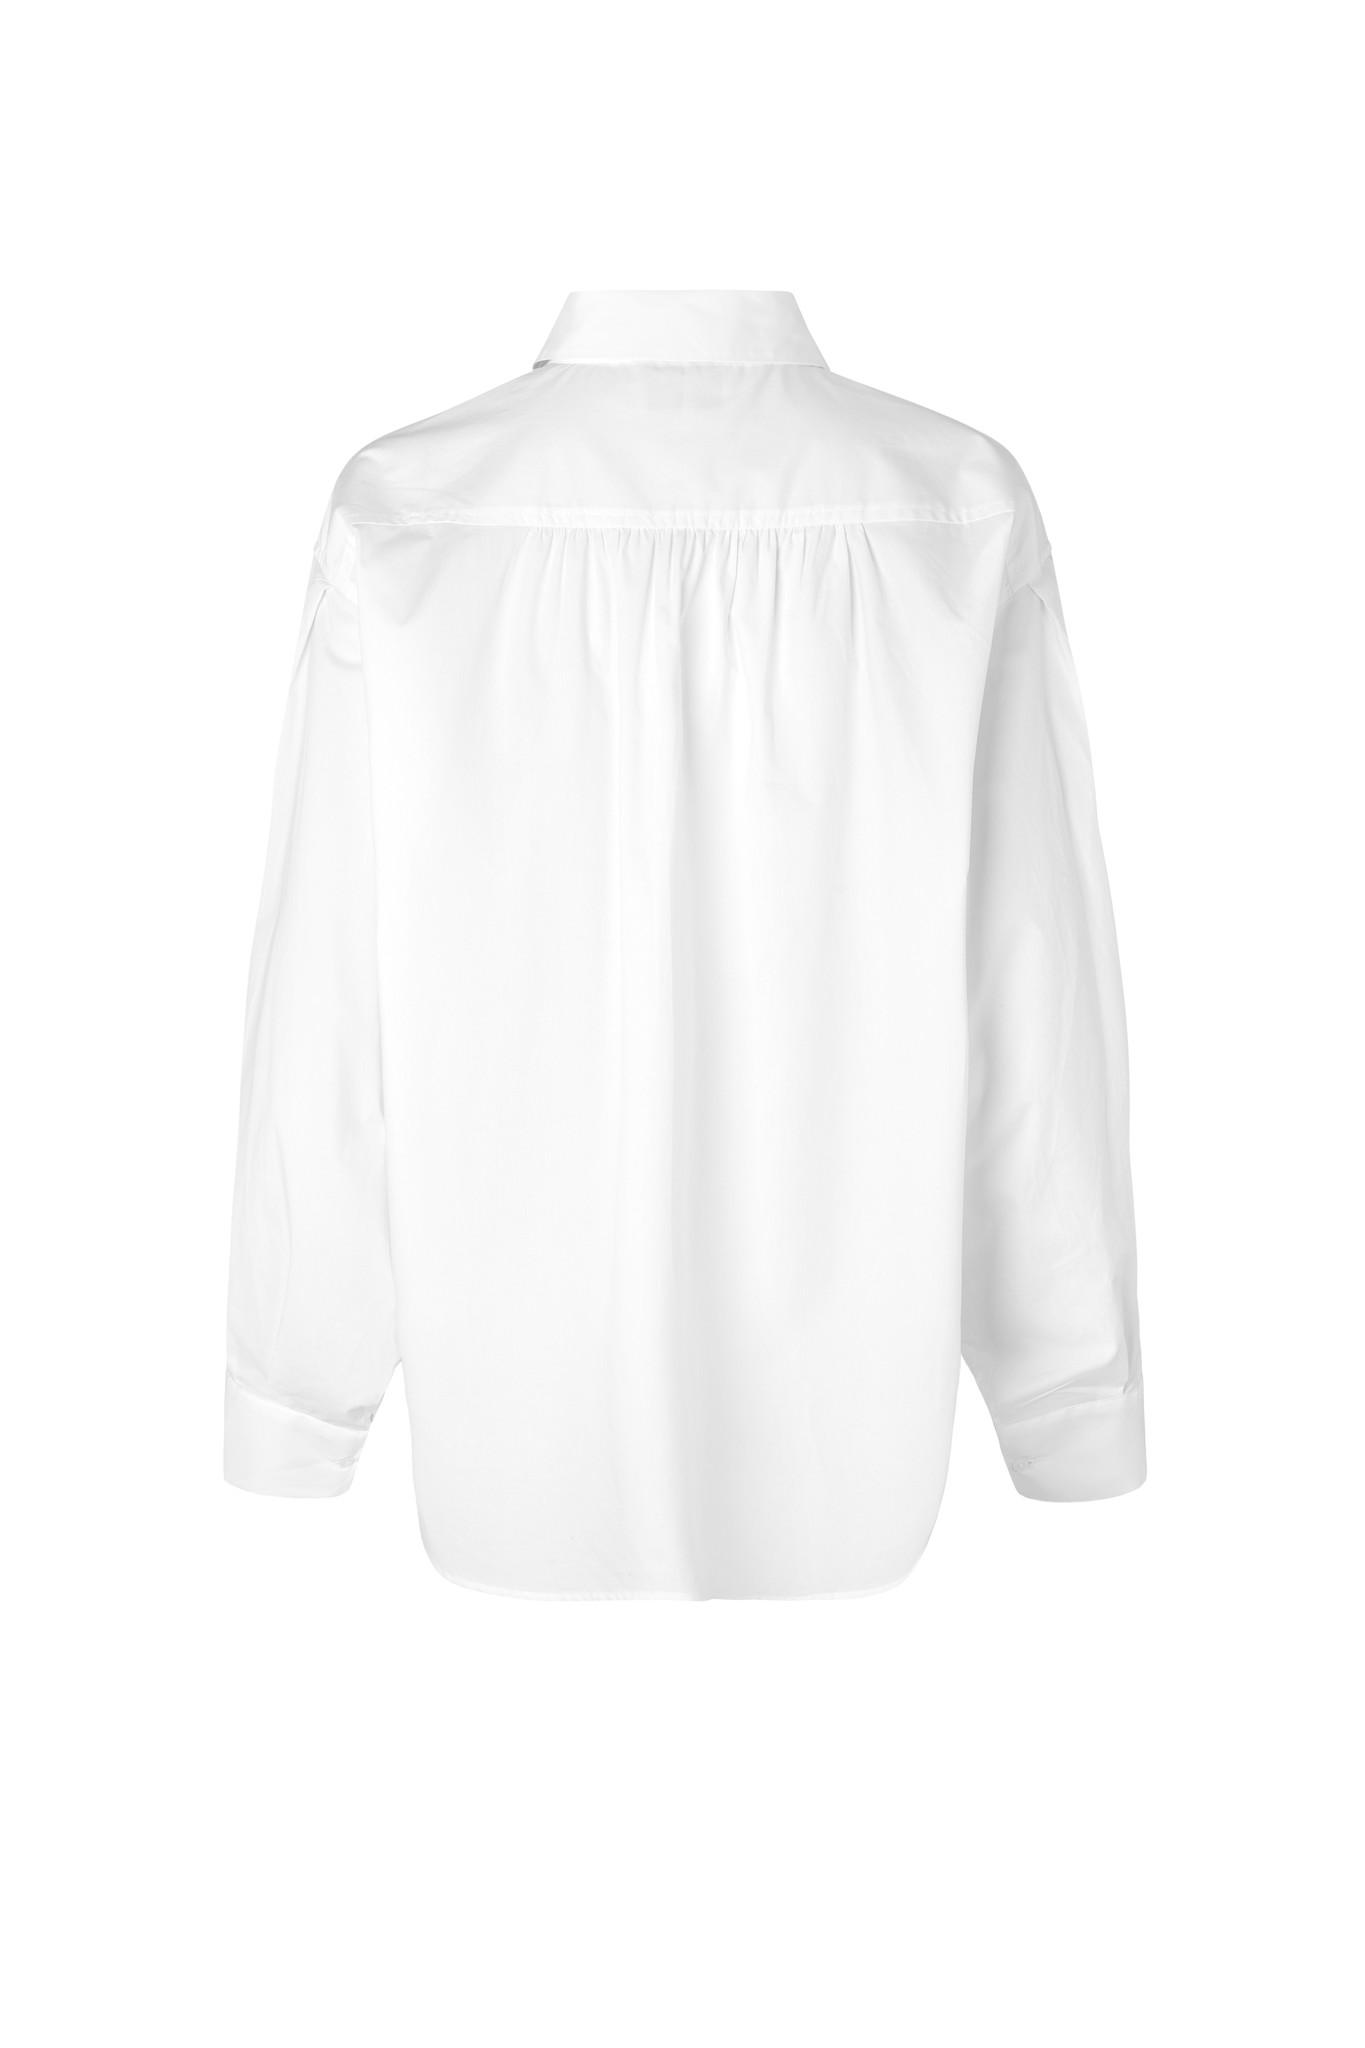 Larkin New Shirt - White-4